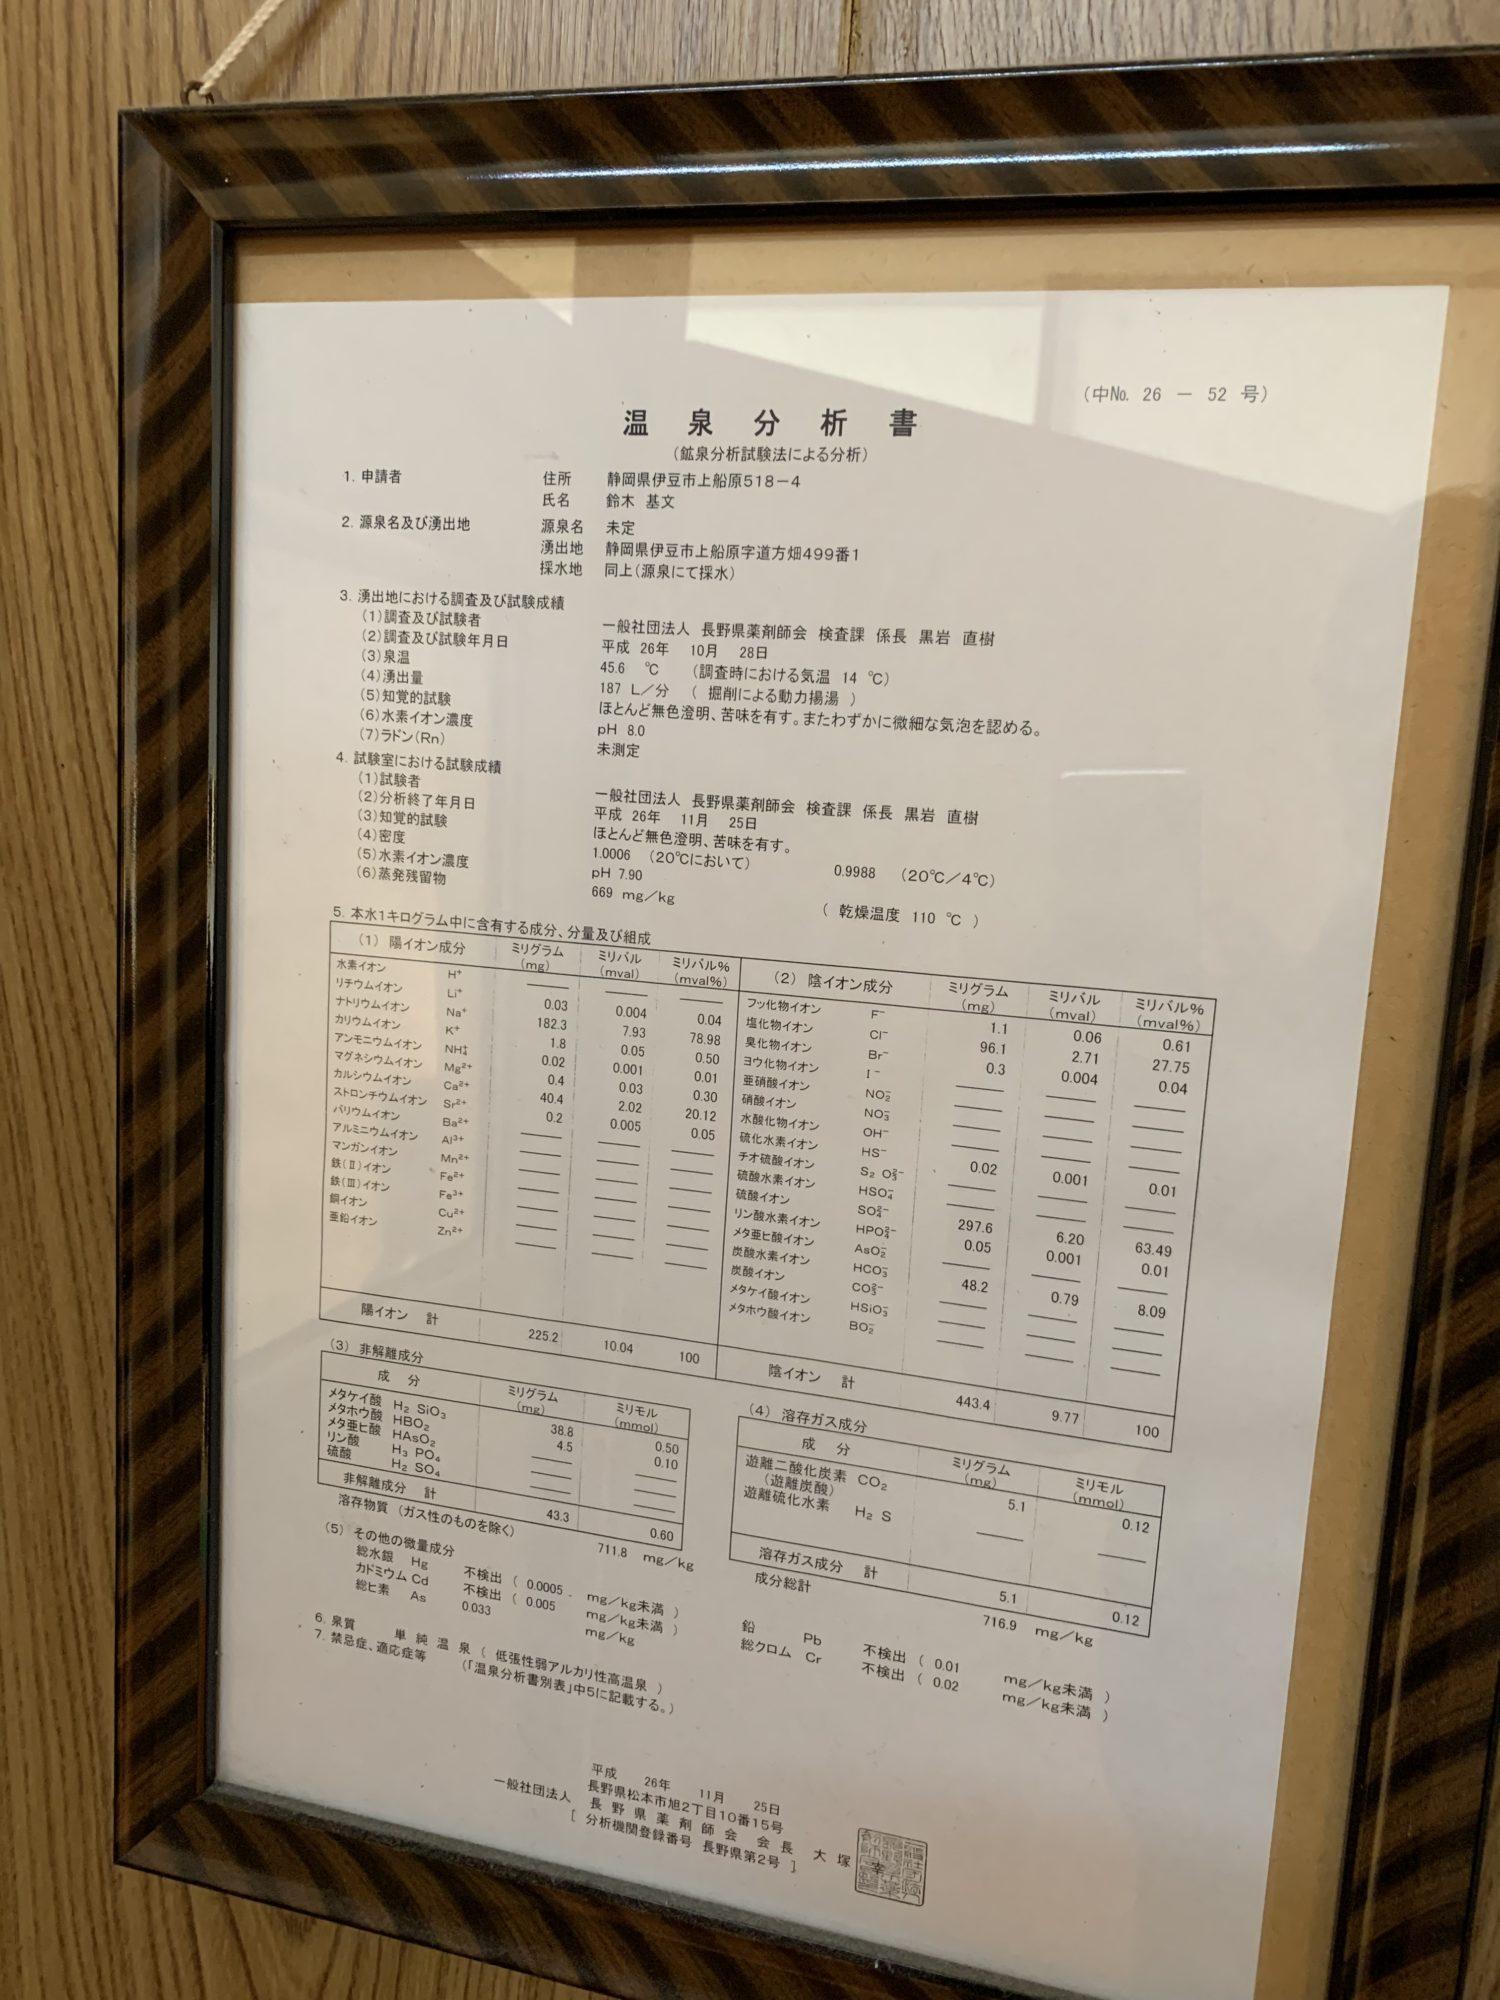 ものわすれの湯 船原館温泉分析表